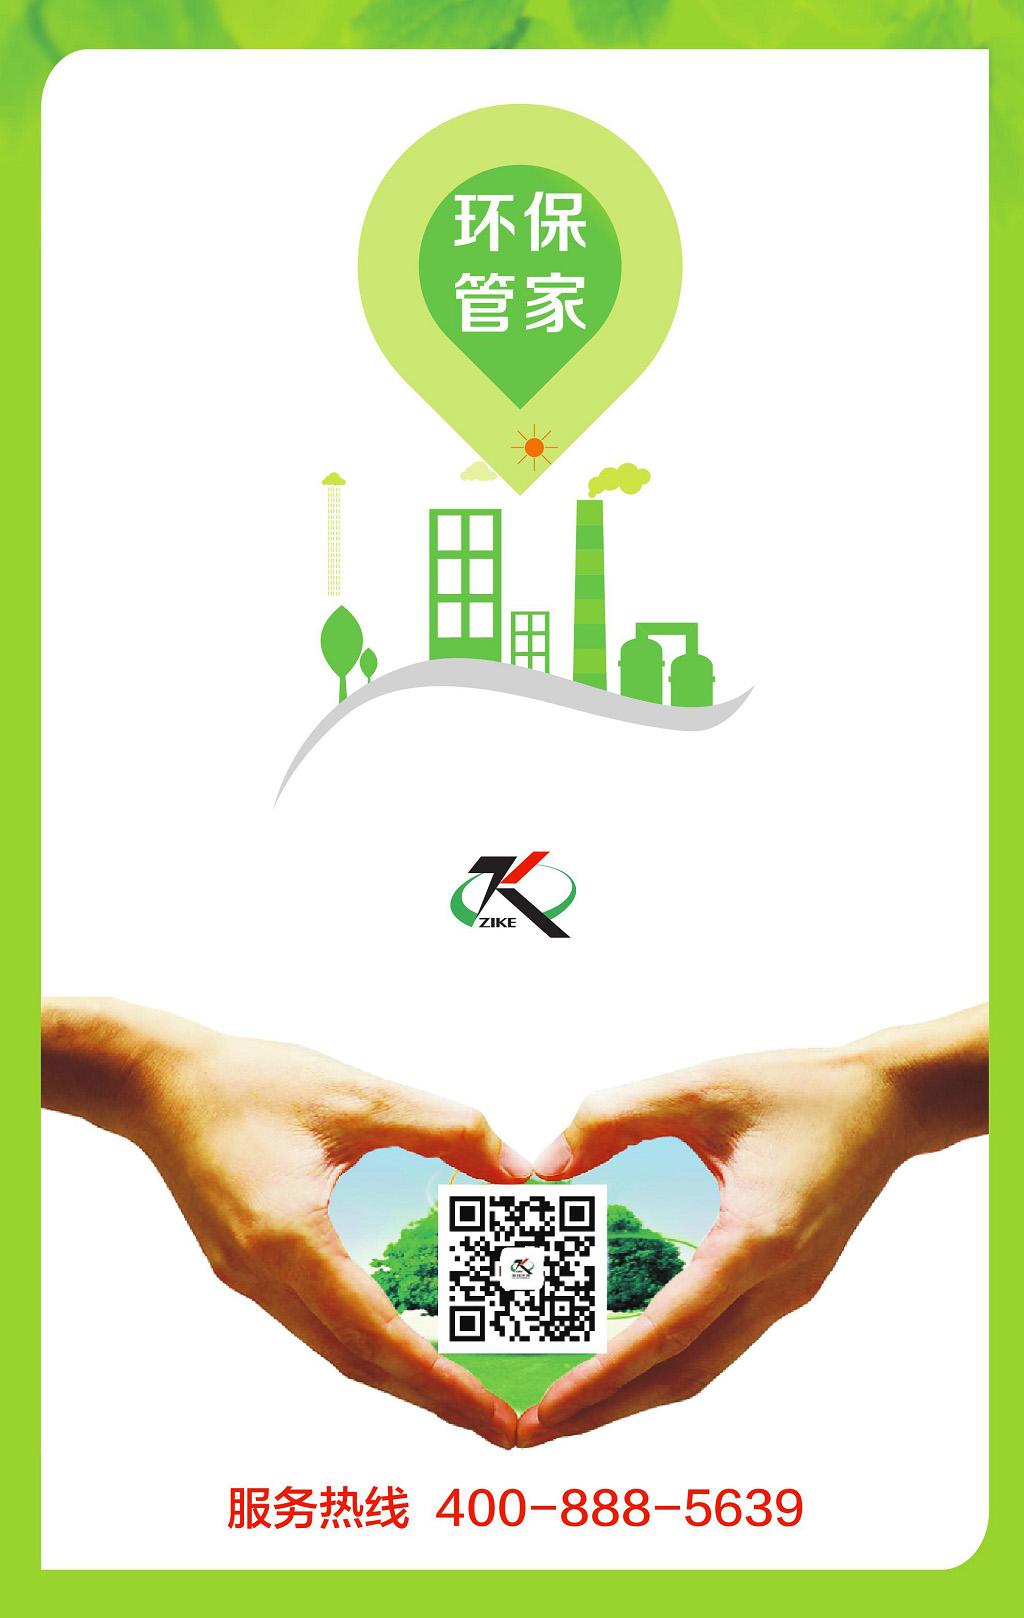 紫科环保将亮相9月广州环博会展